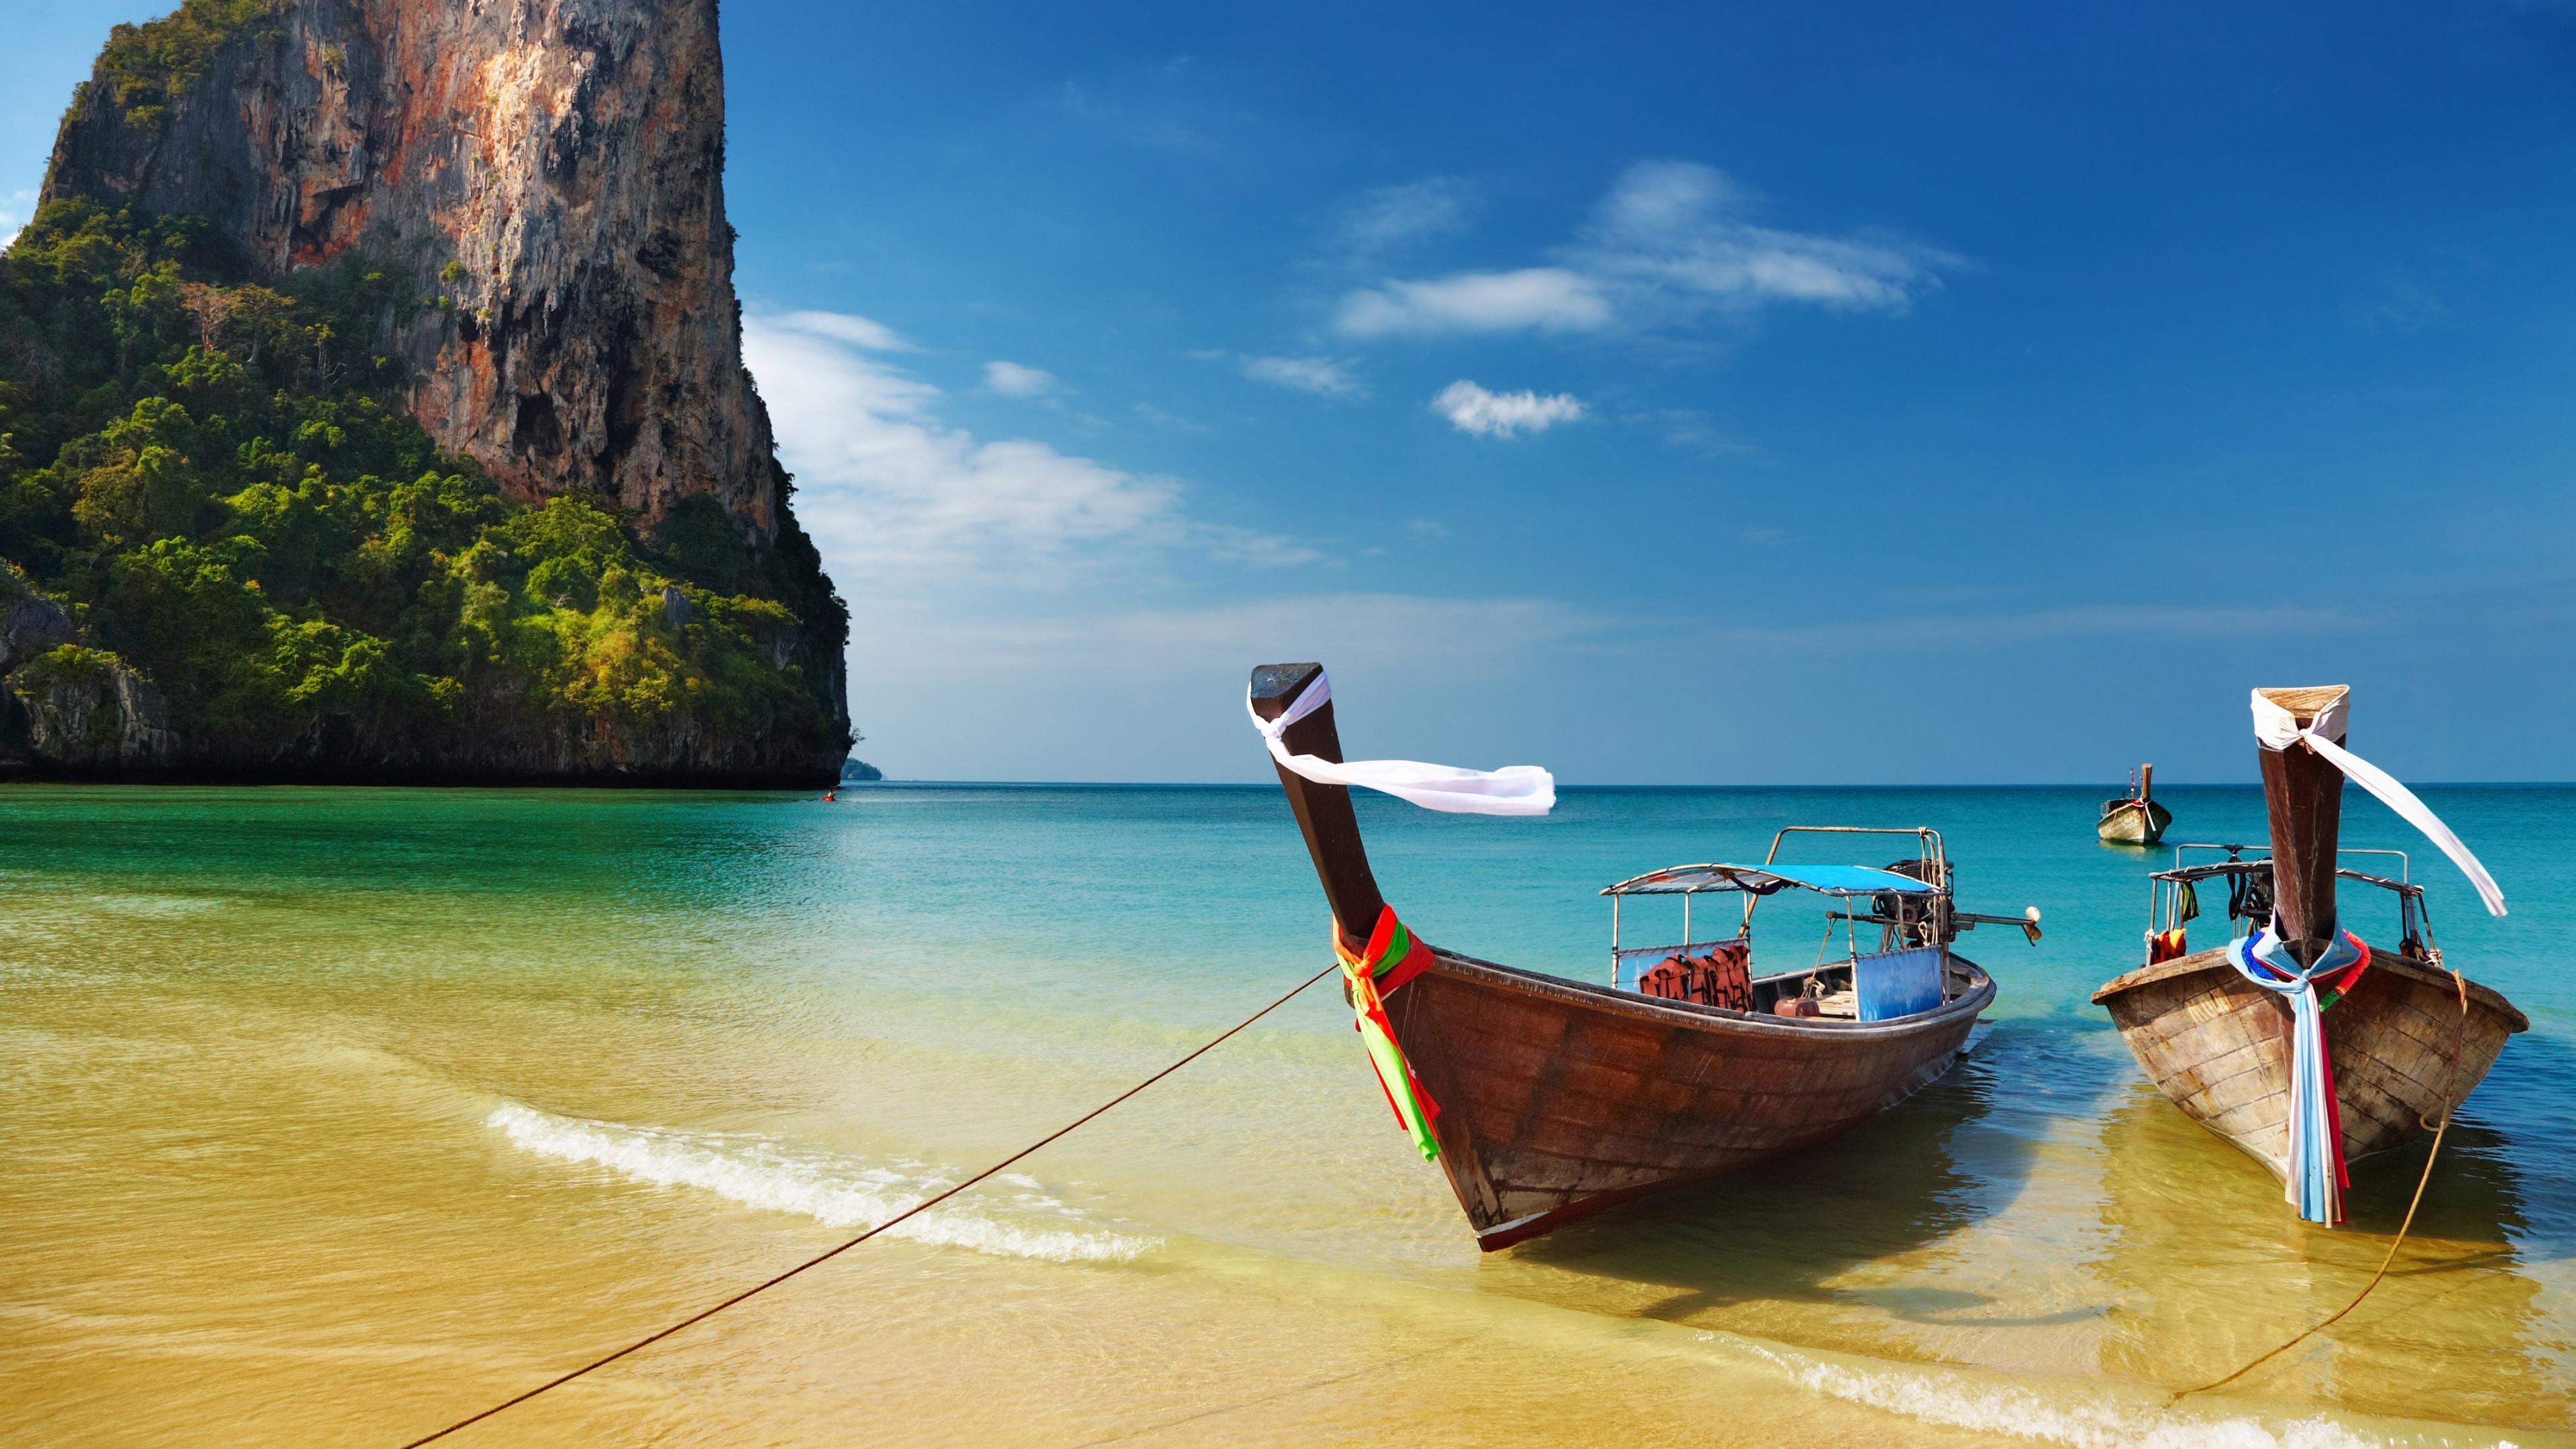 Railay Beach - Thailand wallpaper